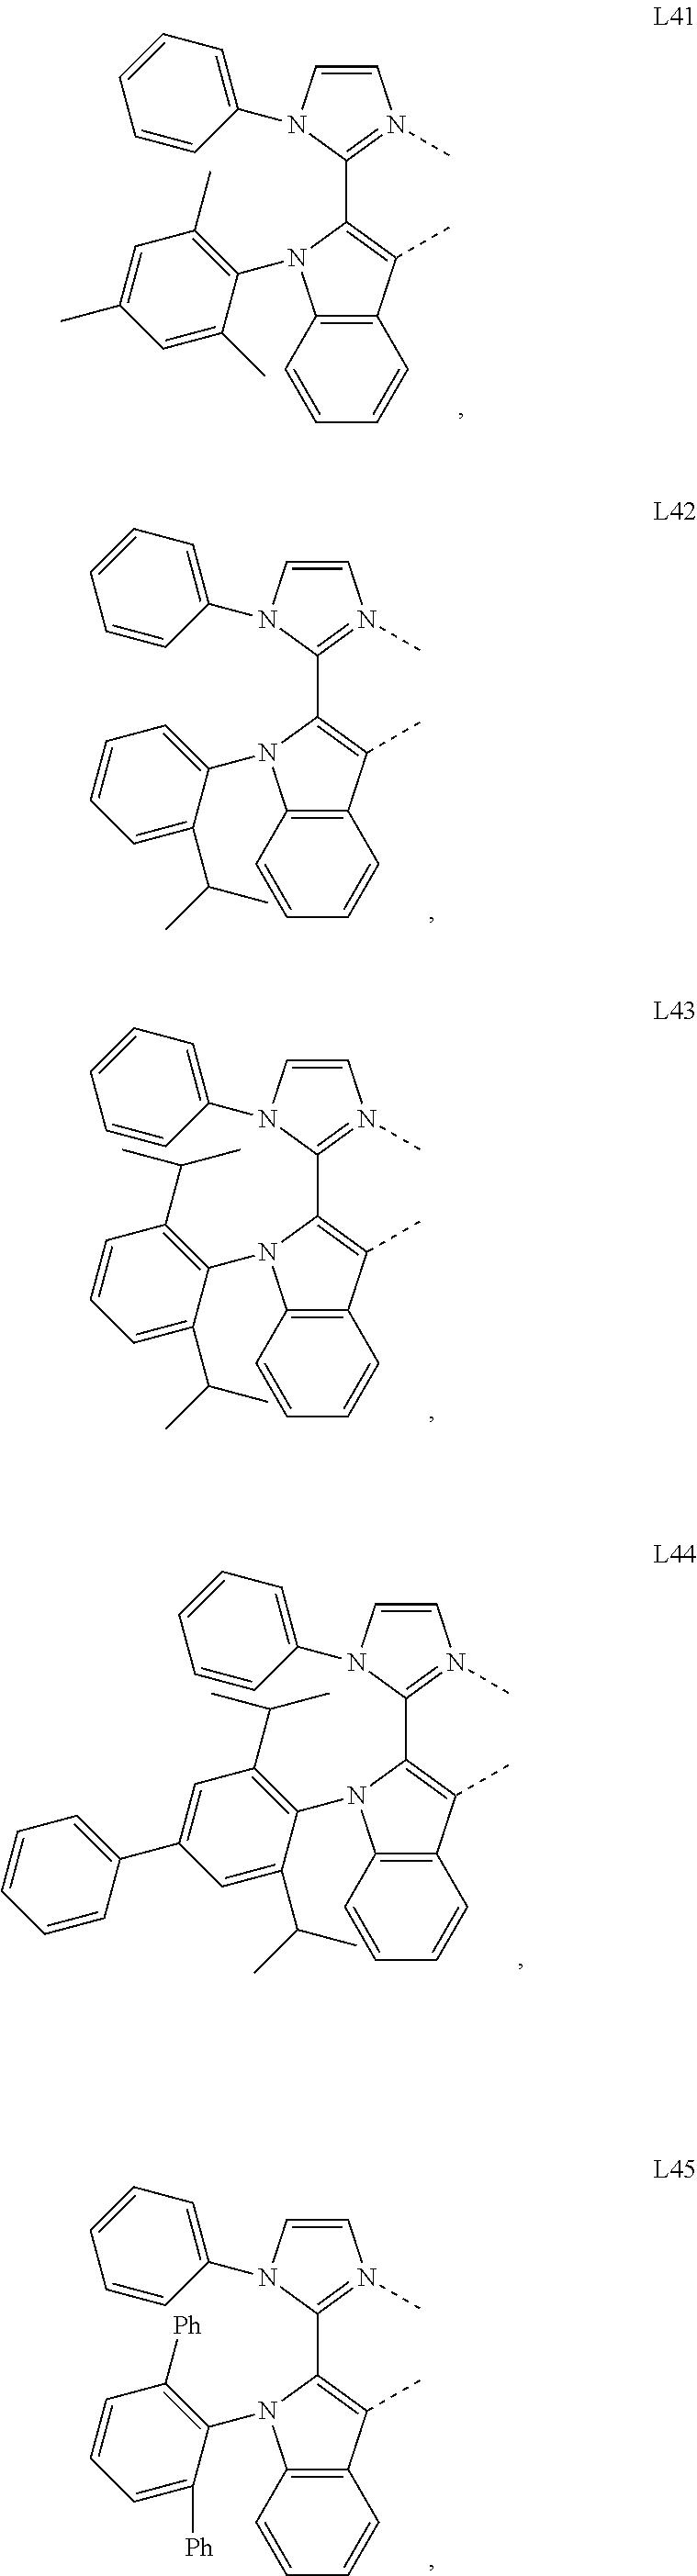 Figure US09935277-20180403-C00013